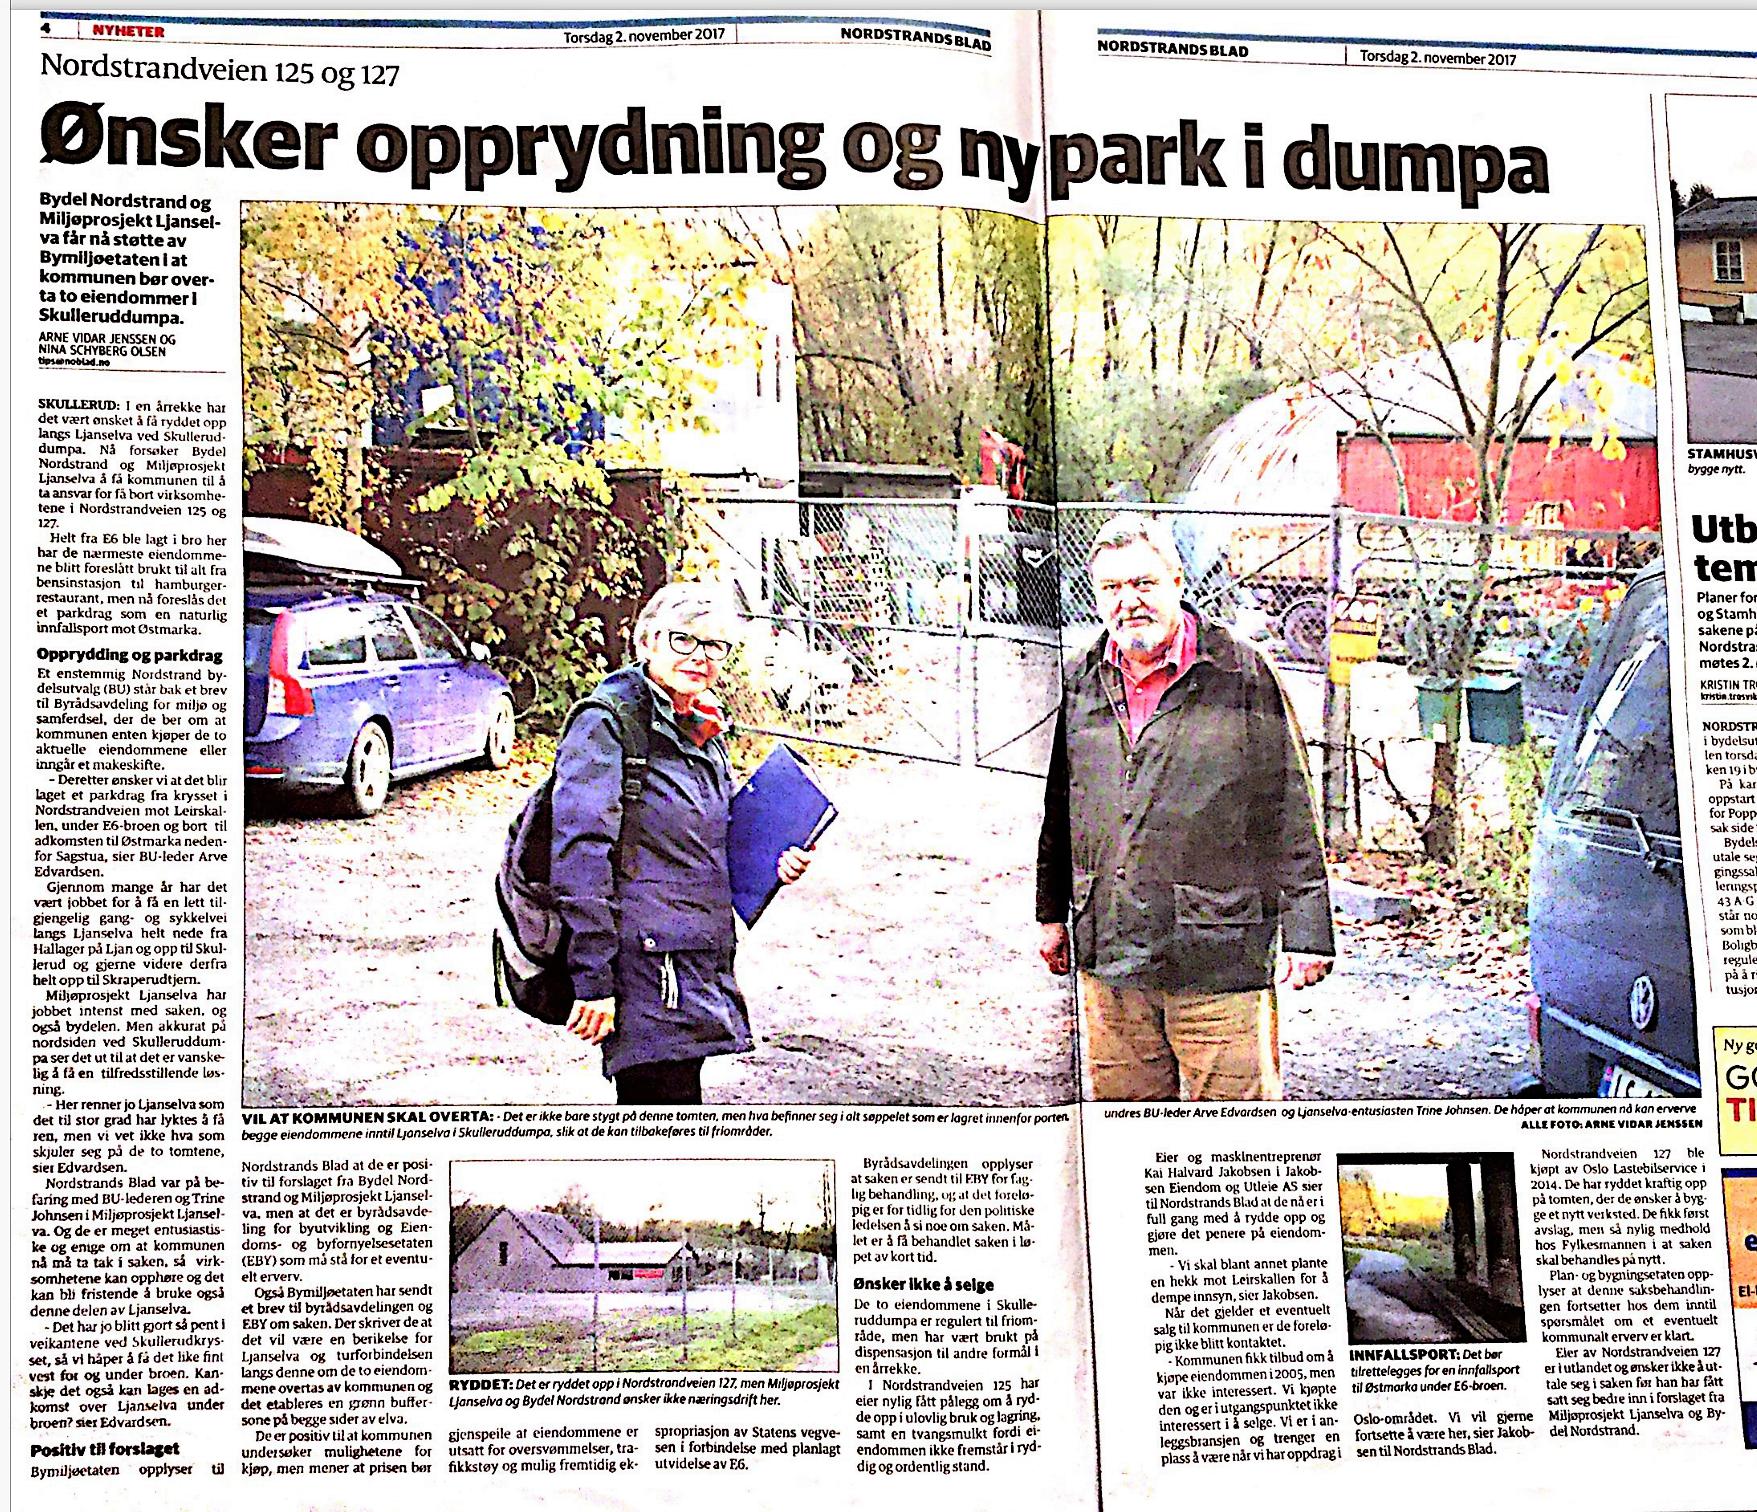 Nordstrands Blad 2.11.2017: Ønsker opprydning og ny park i dumpa